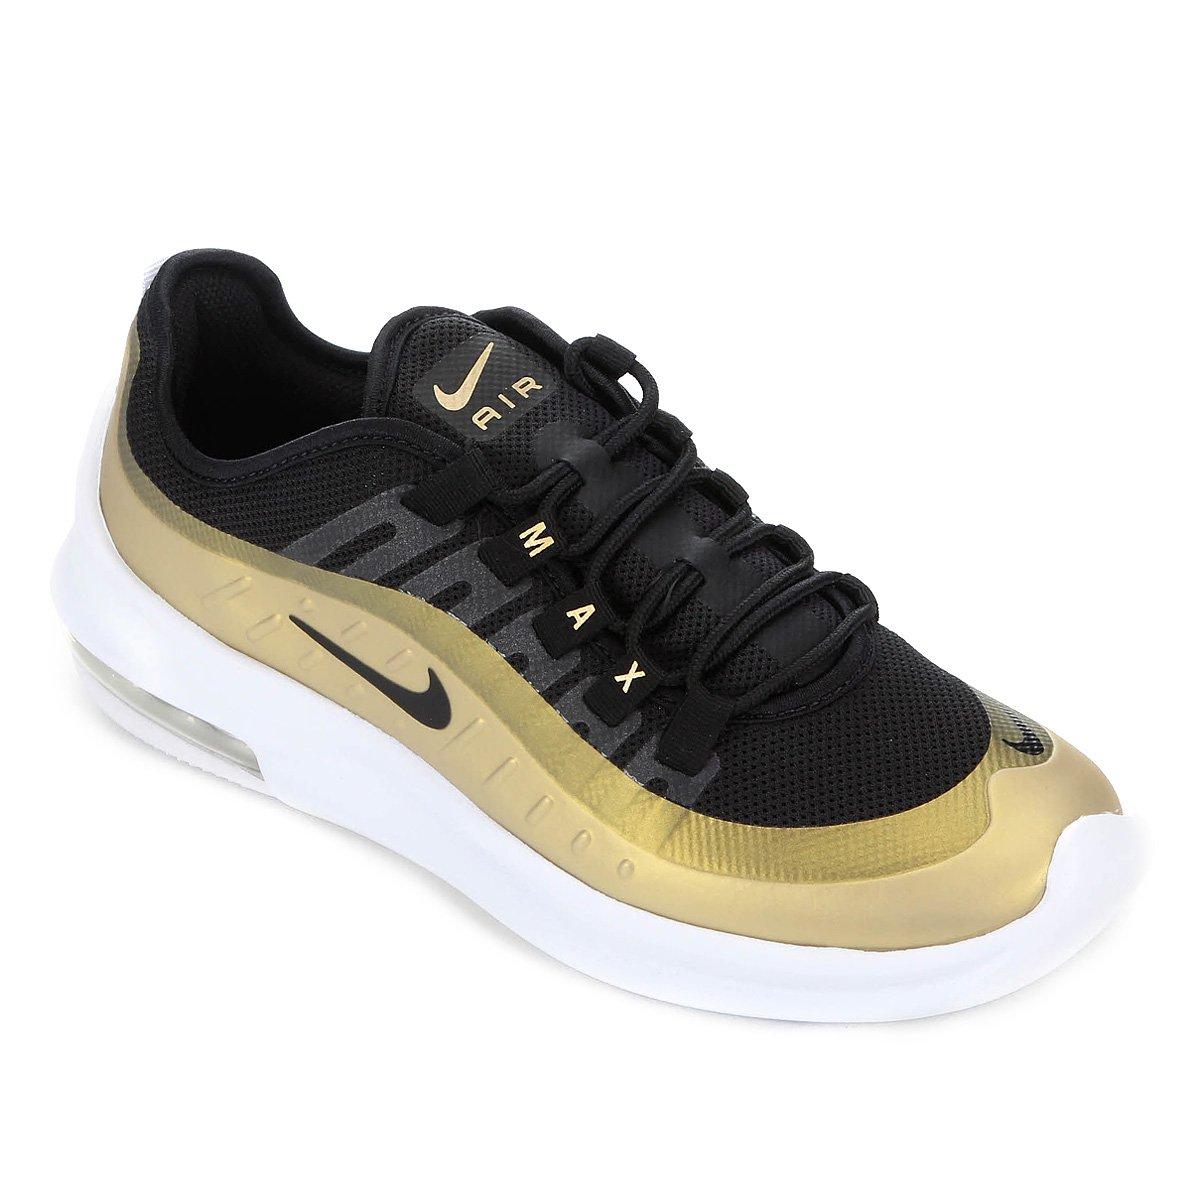 zapatos deportivos d67f0 cb447 Tênis Nike Air Max Axis Masculino - Preto e Dourado